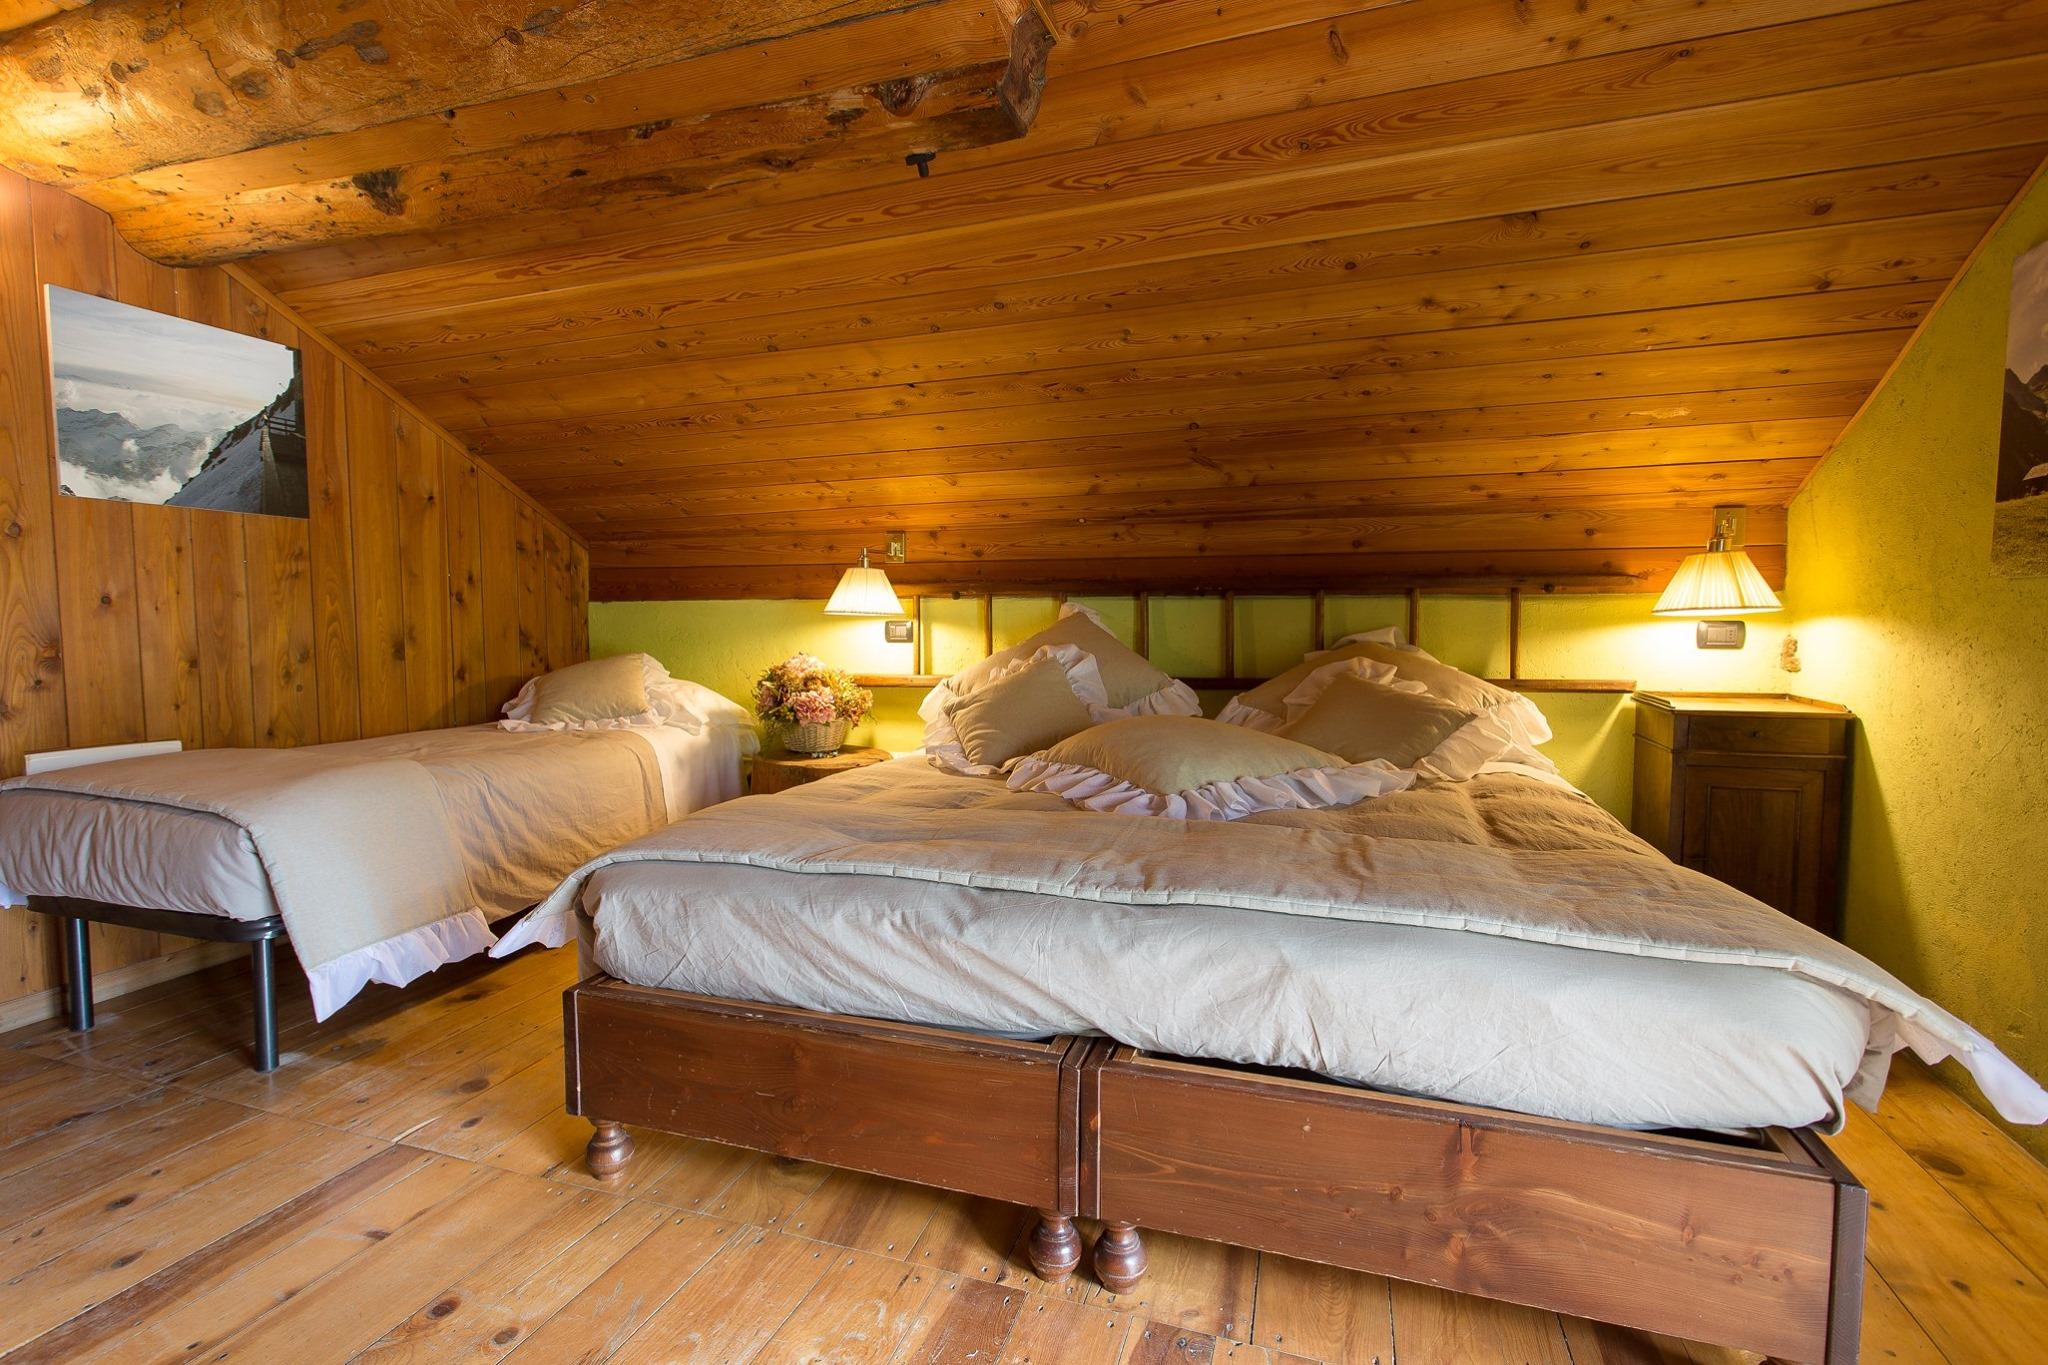 Foto di interni per camere Hotel